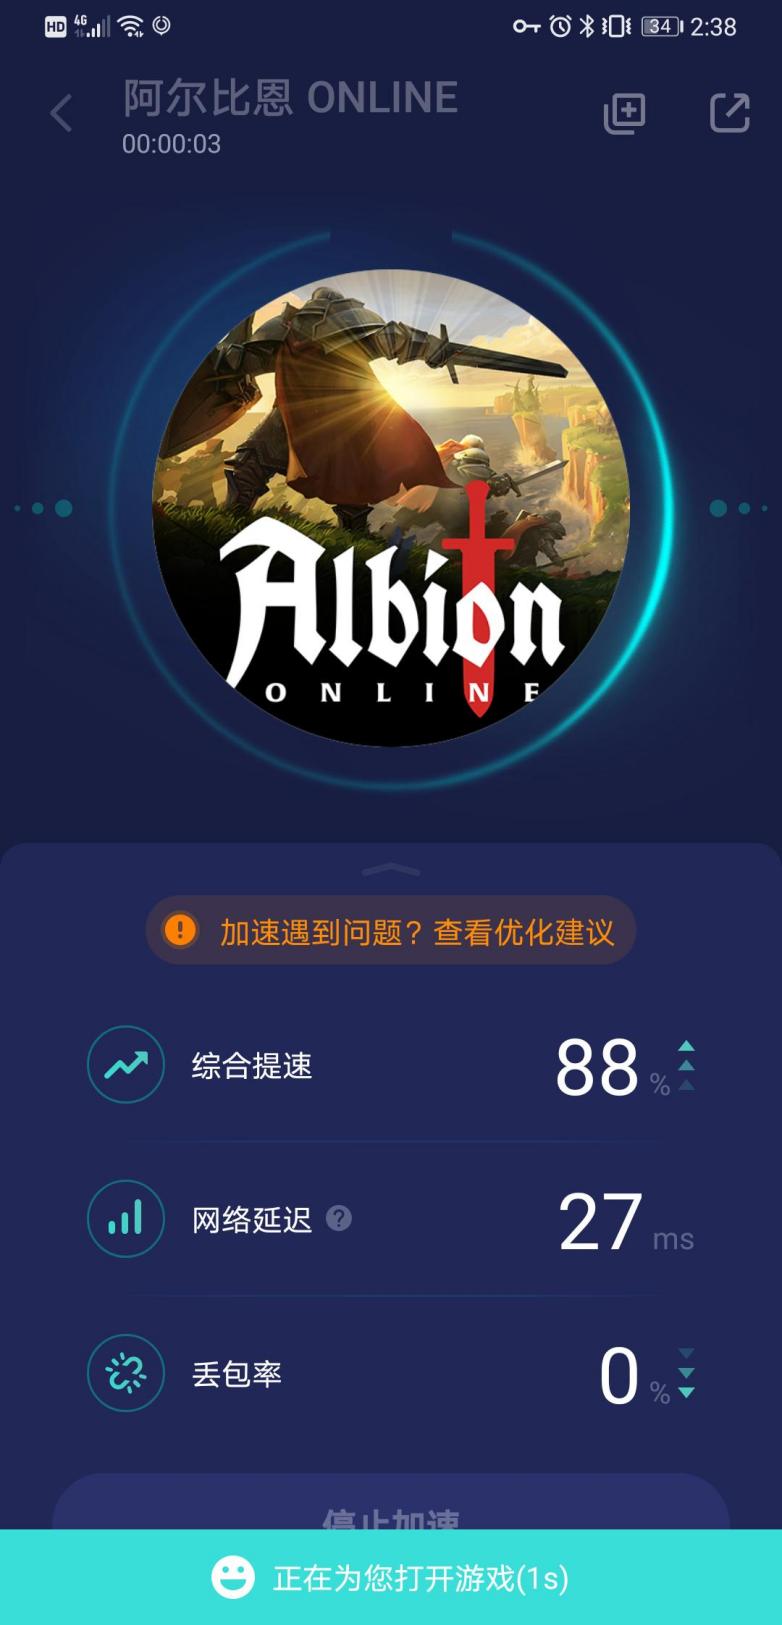 《阿尔比恩》手游正式上线 网易UU手游加速器带你畅玩不一样的沙盒游戏